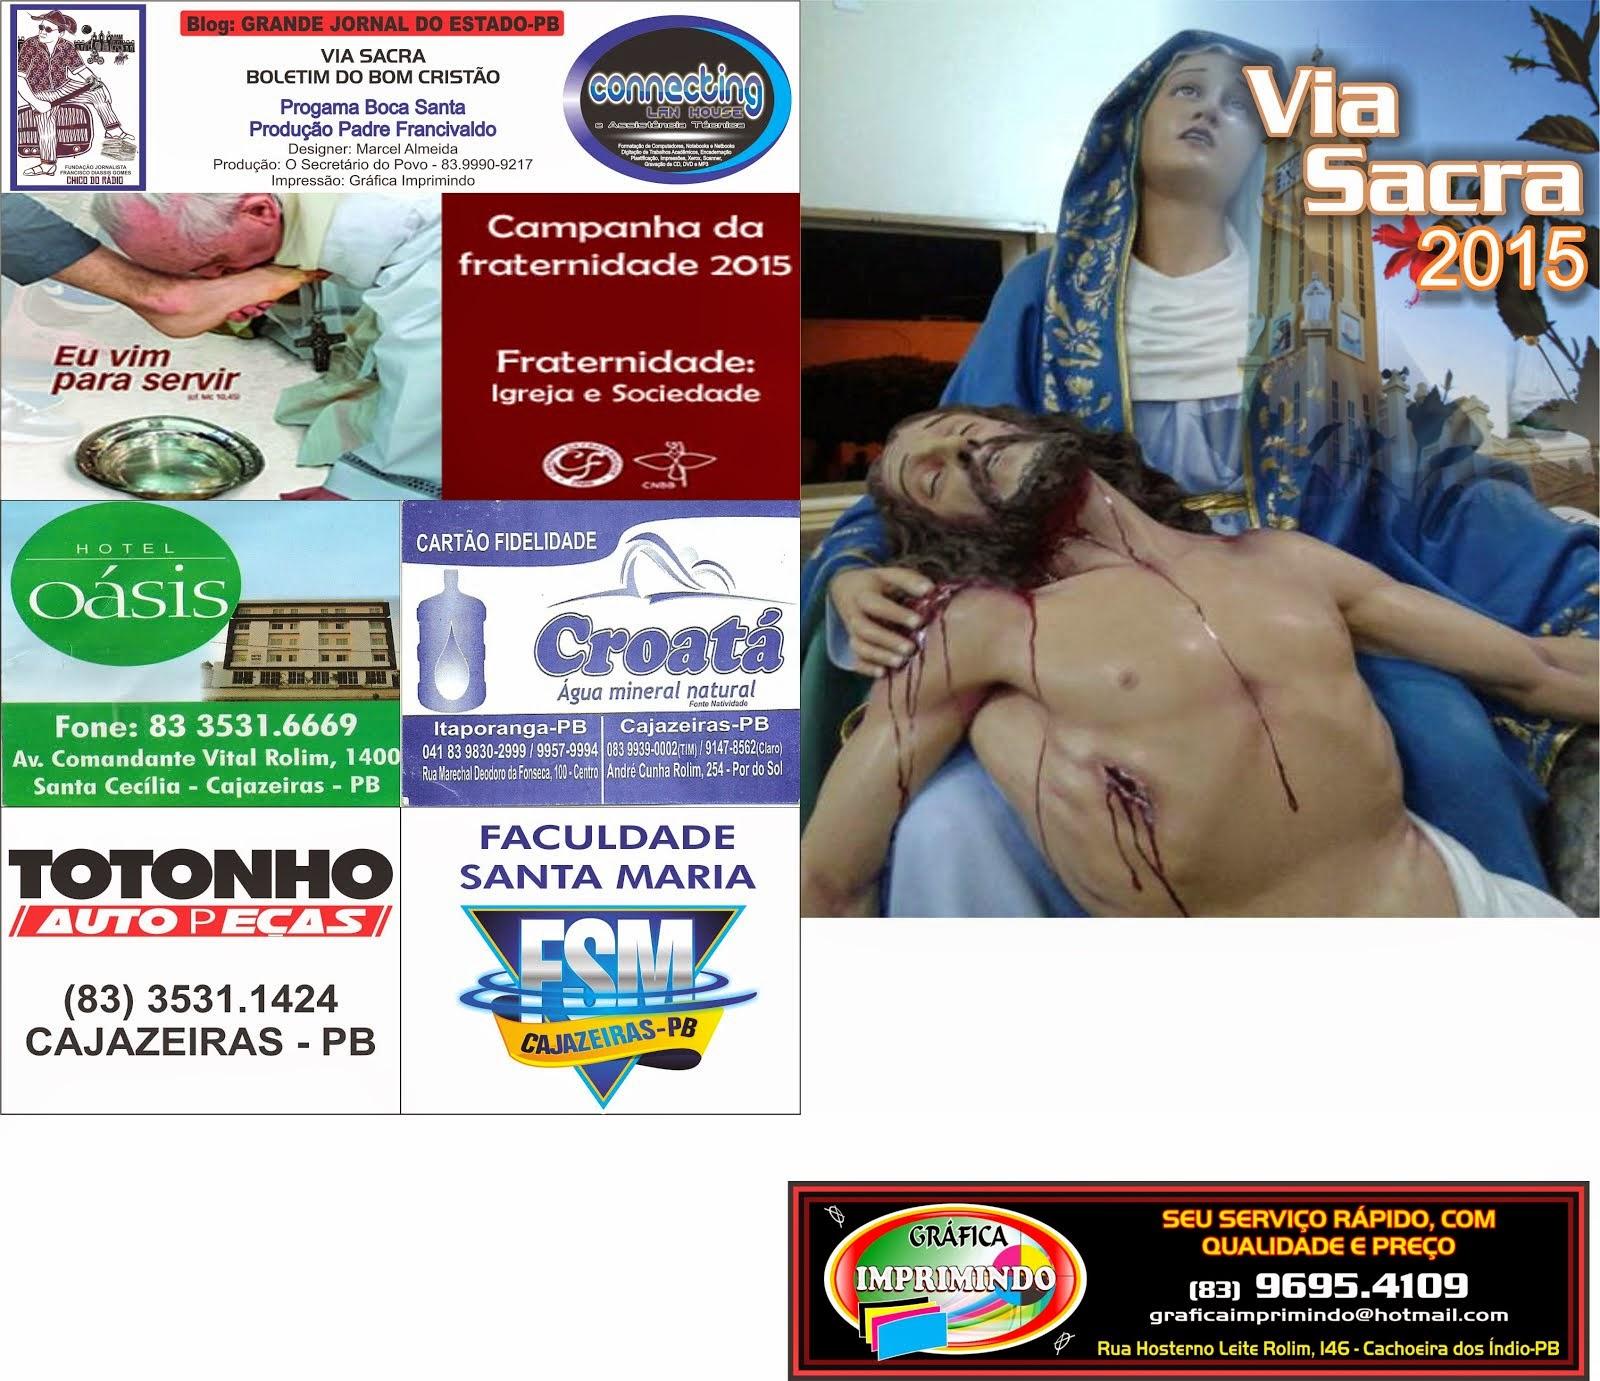 CAPA DO FOLHETIM  DA VIA SACRA ANO  2015  EM CAJAZEIRAS  PROJETO  COBEERTURA  DA SEMANA SANTA